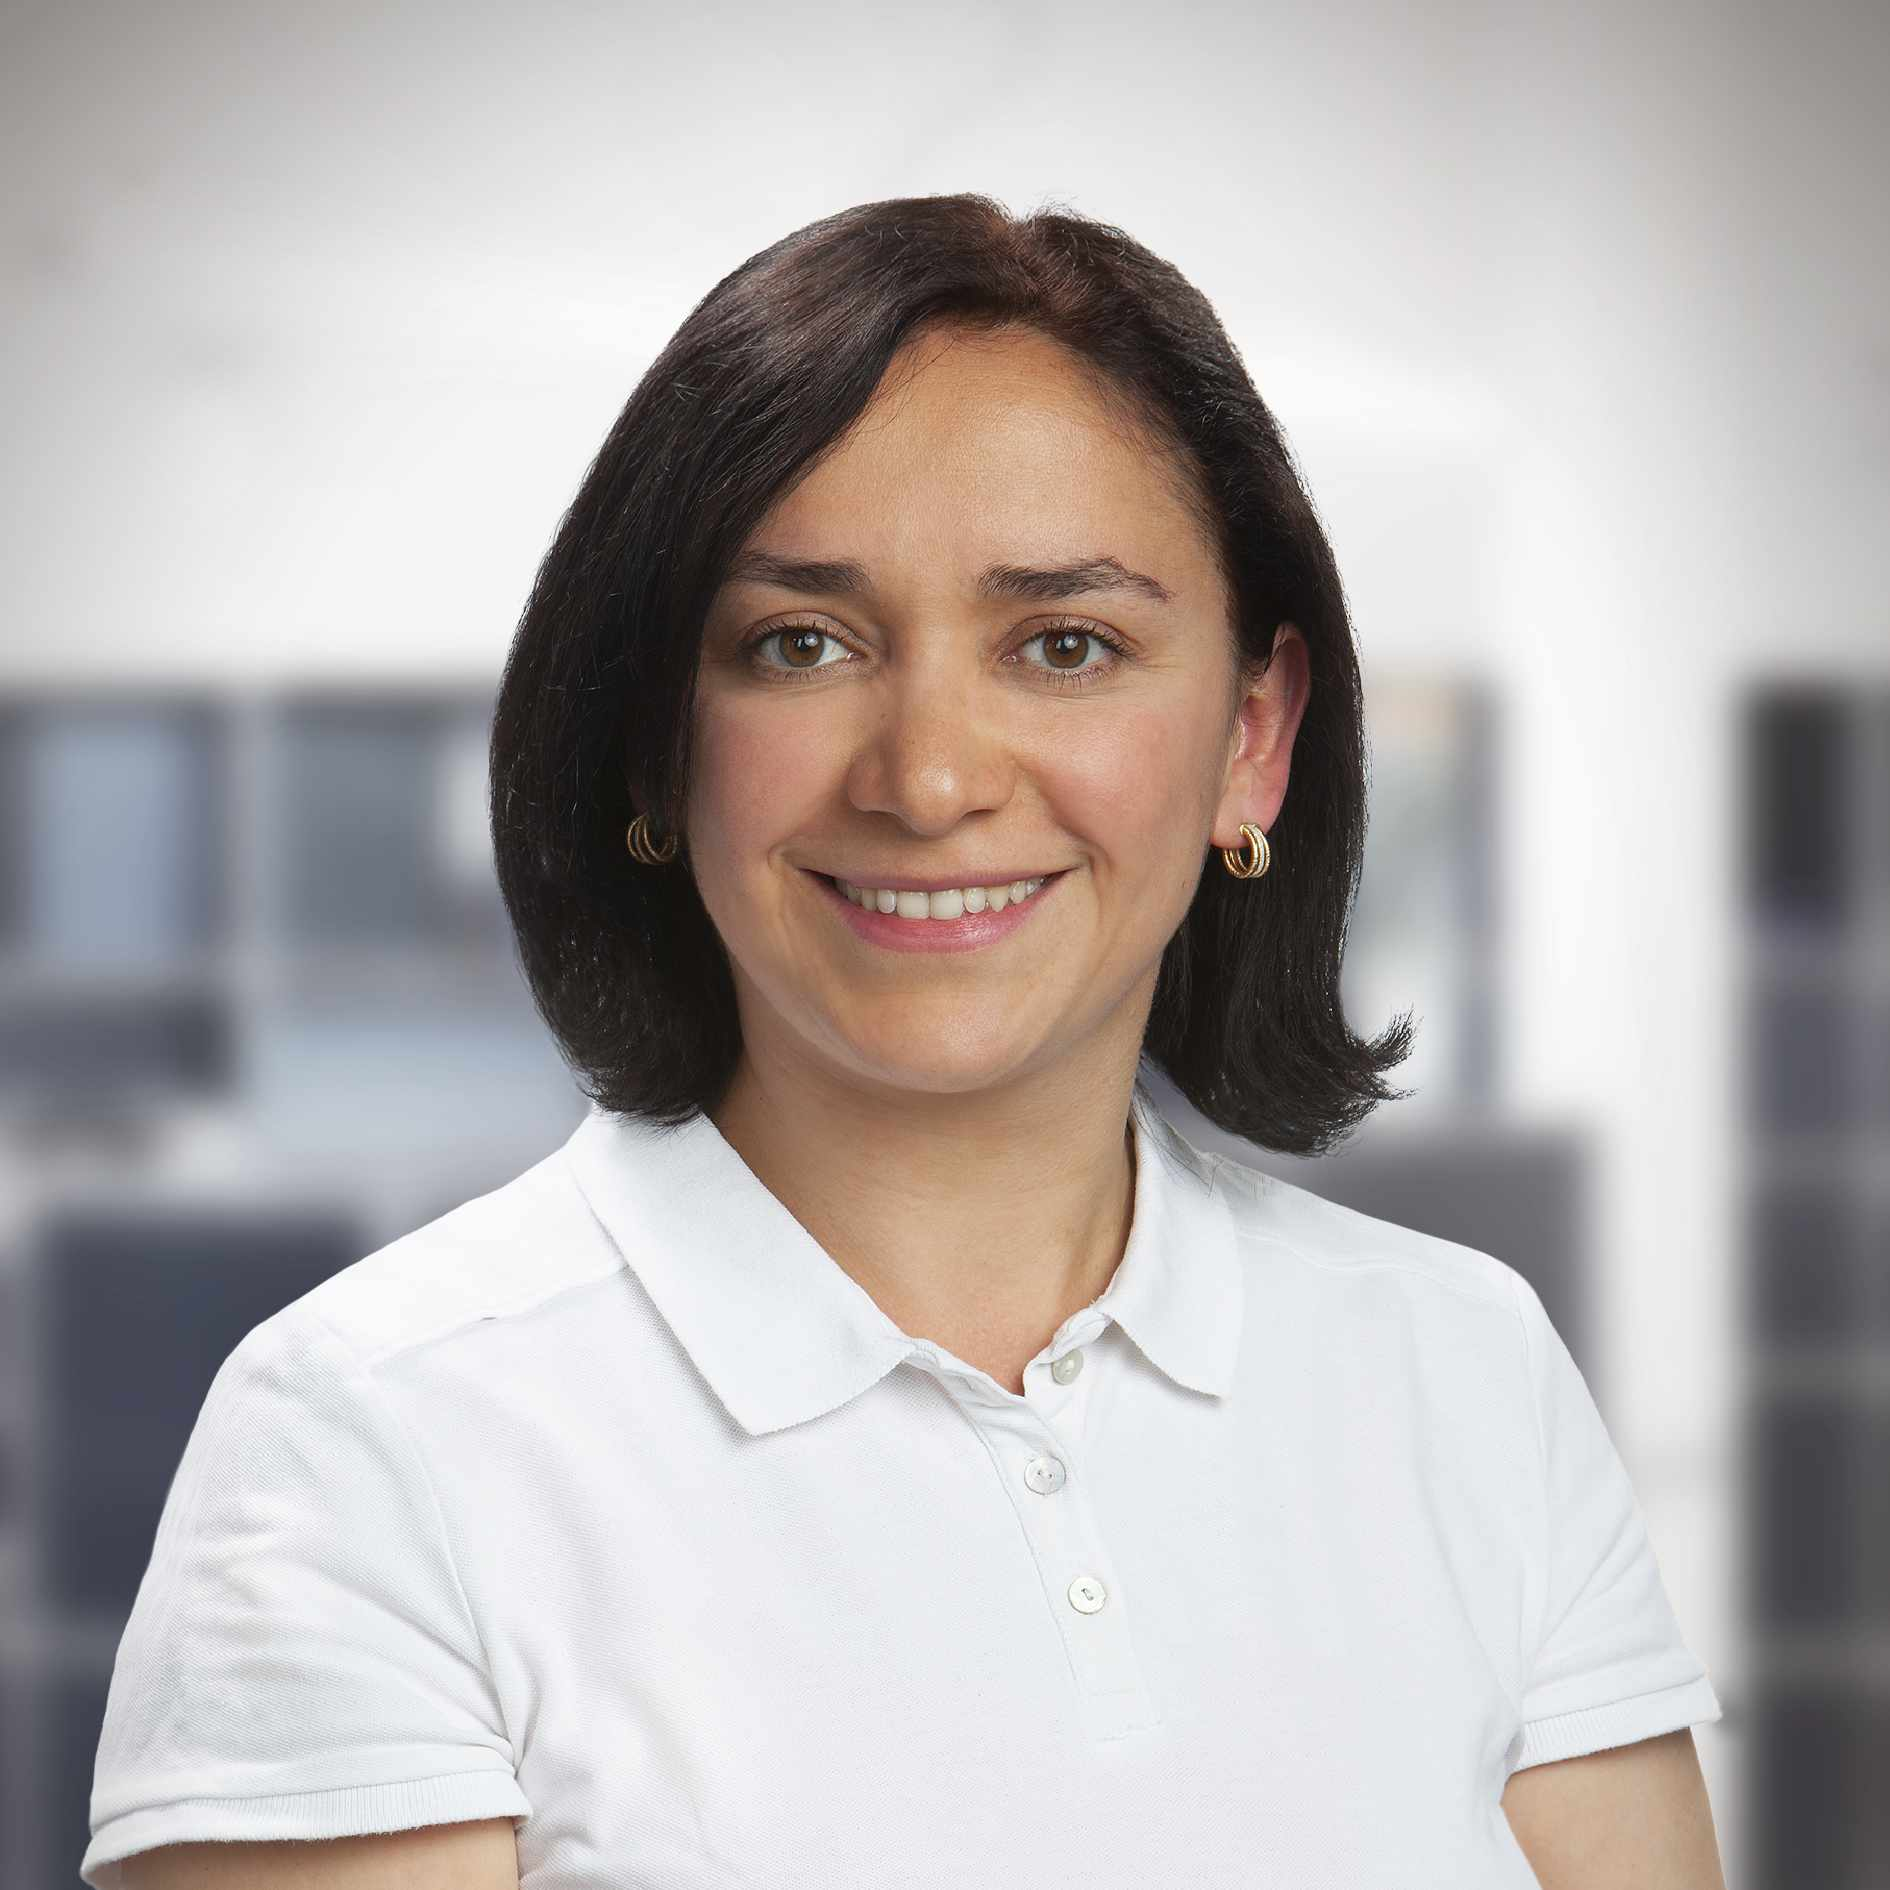 Kardiologie Kempten, Faiza Benfifi